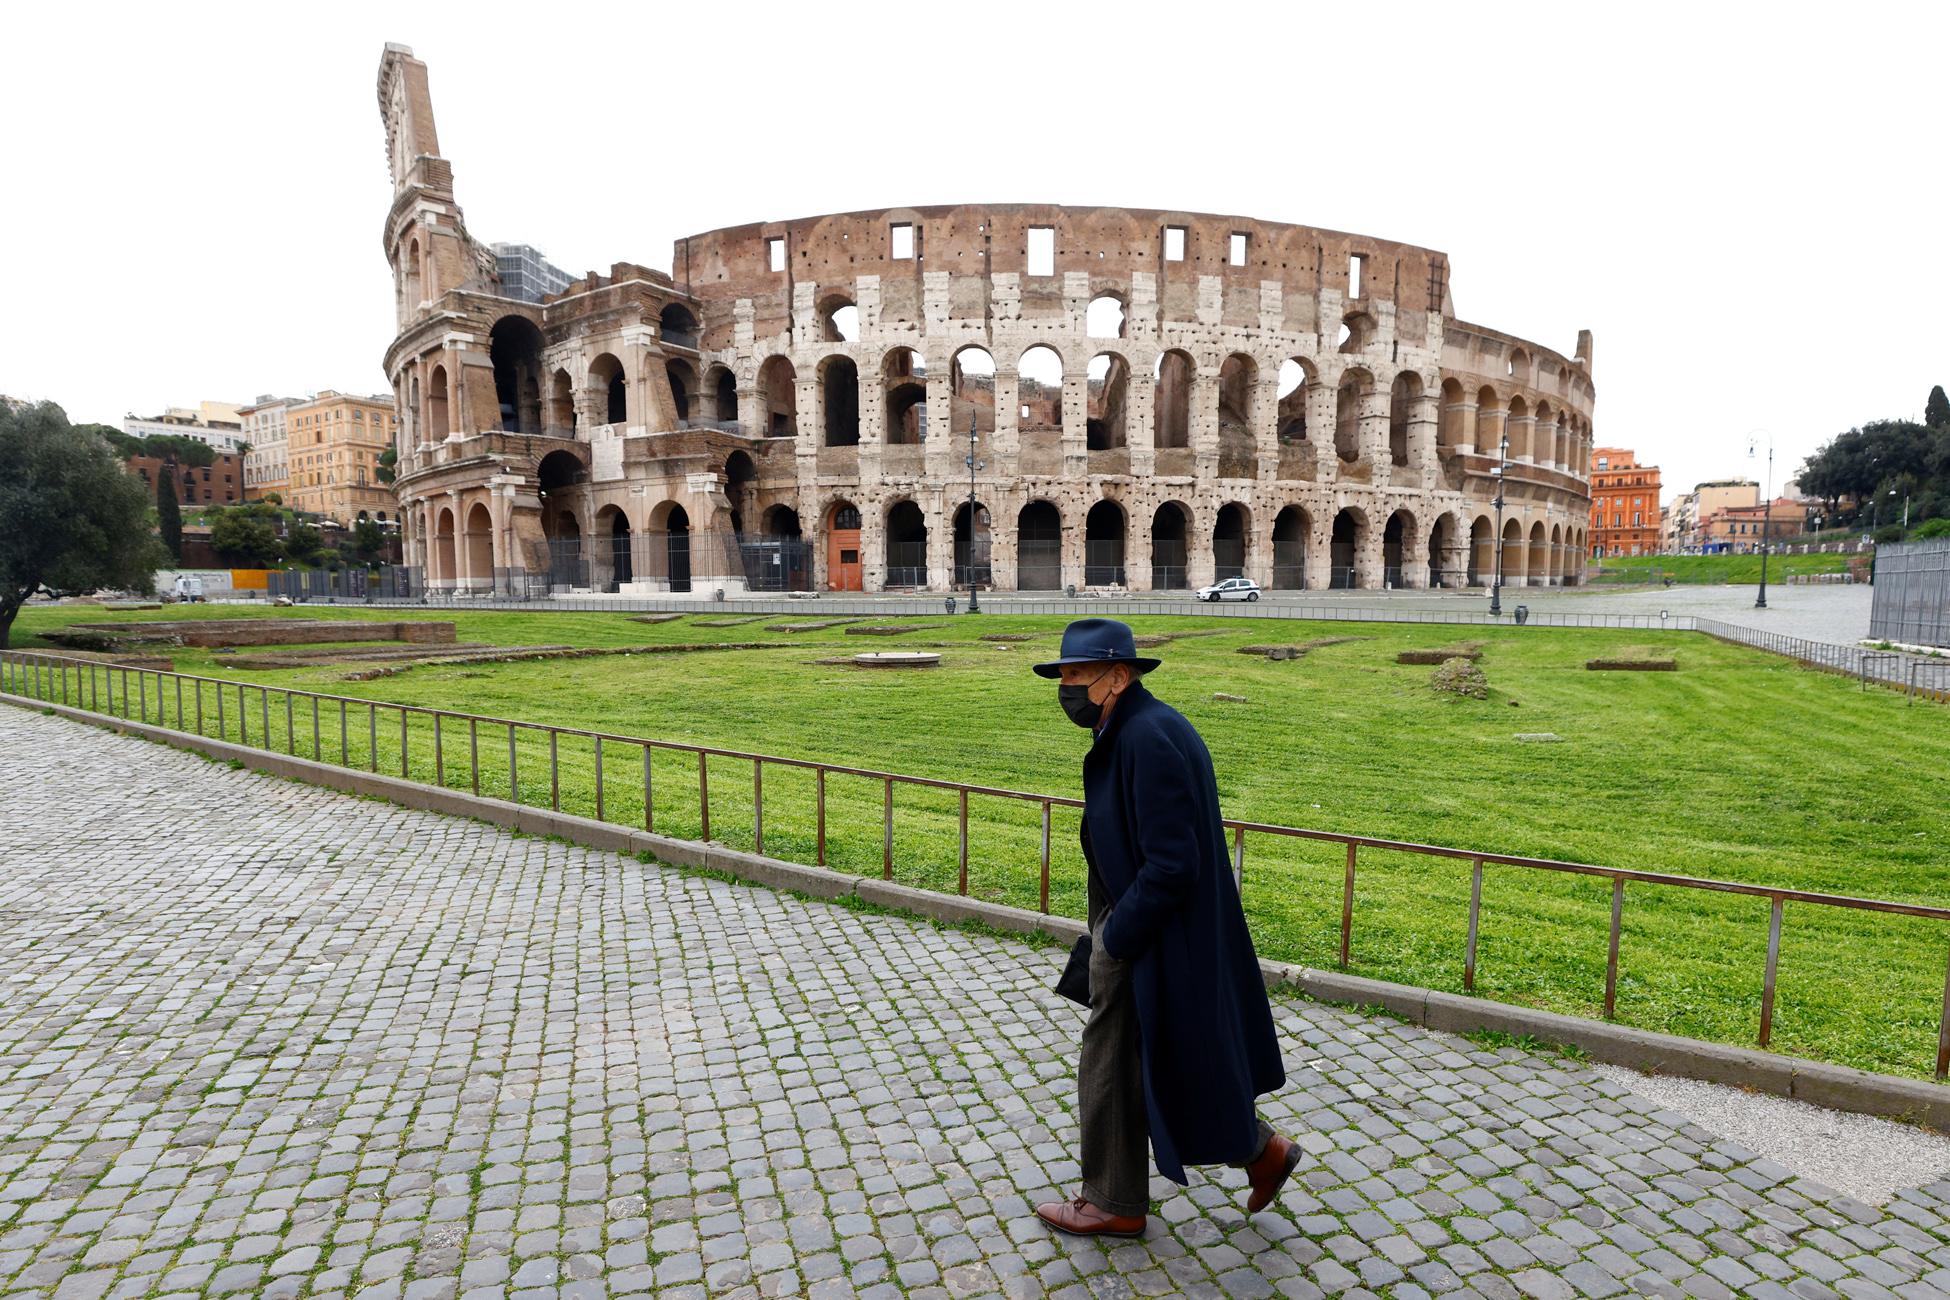 Ιταλία – κορονοϊός: 460 νεκροί και πάνω από 23.600 νέα κρούσματα – Εξετάζεται παράταση των μέτρων